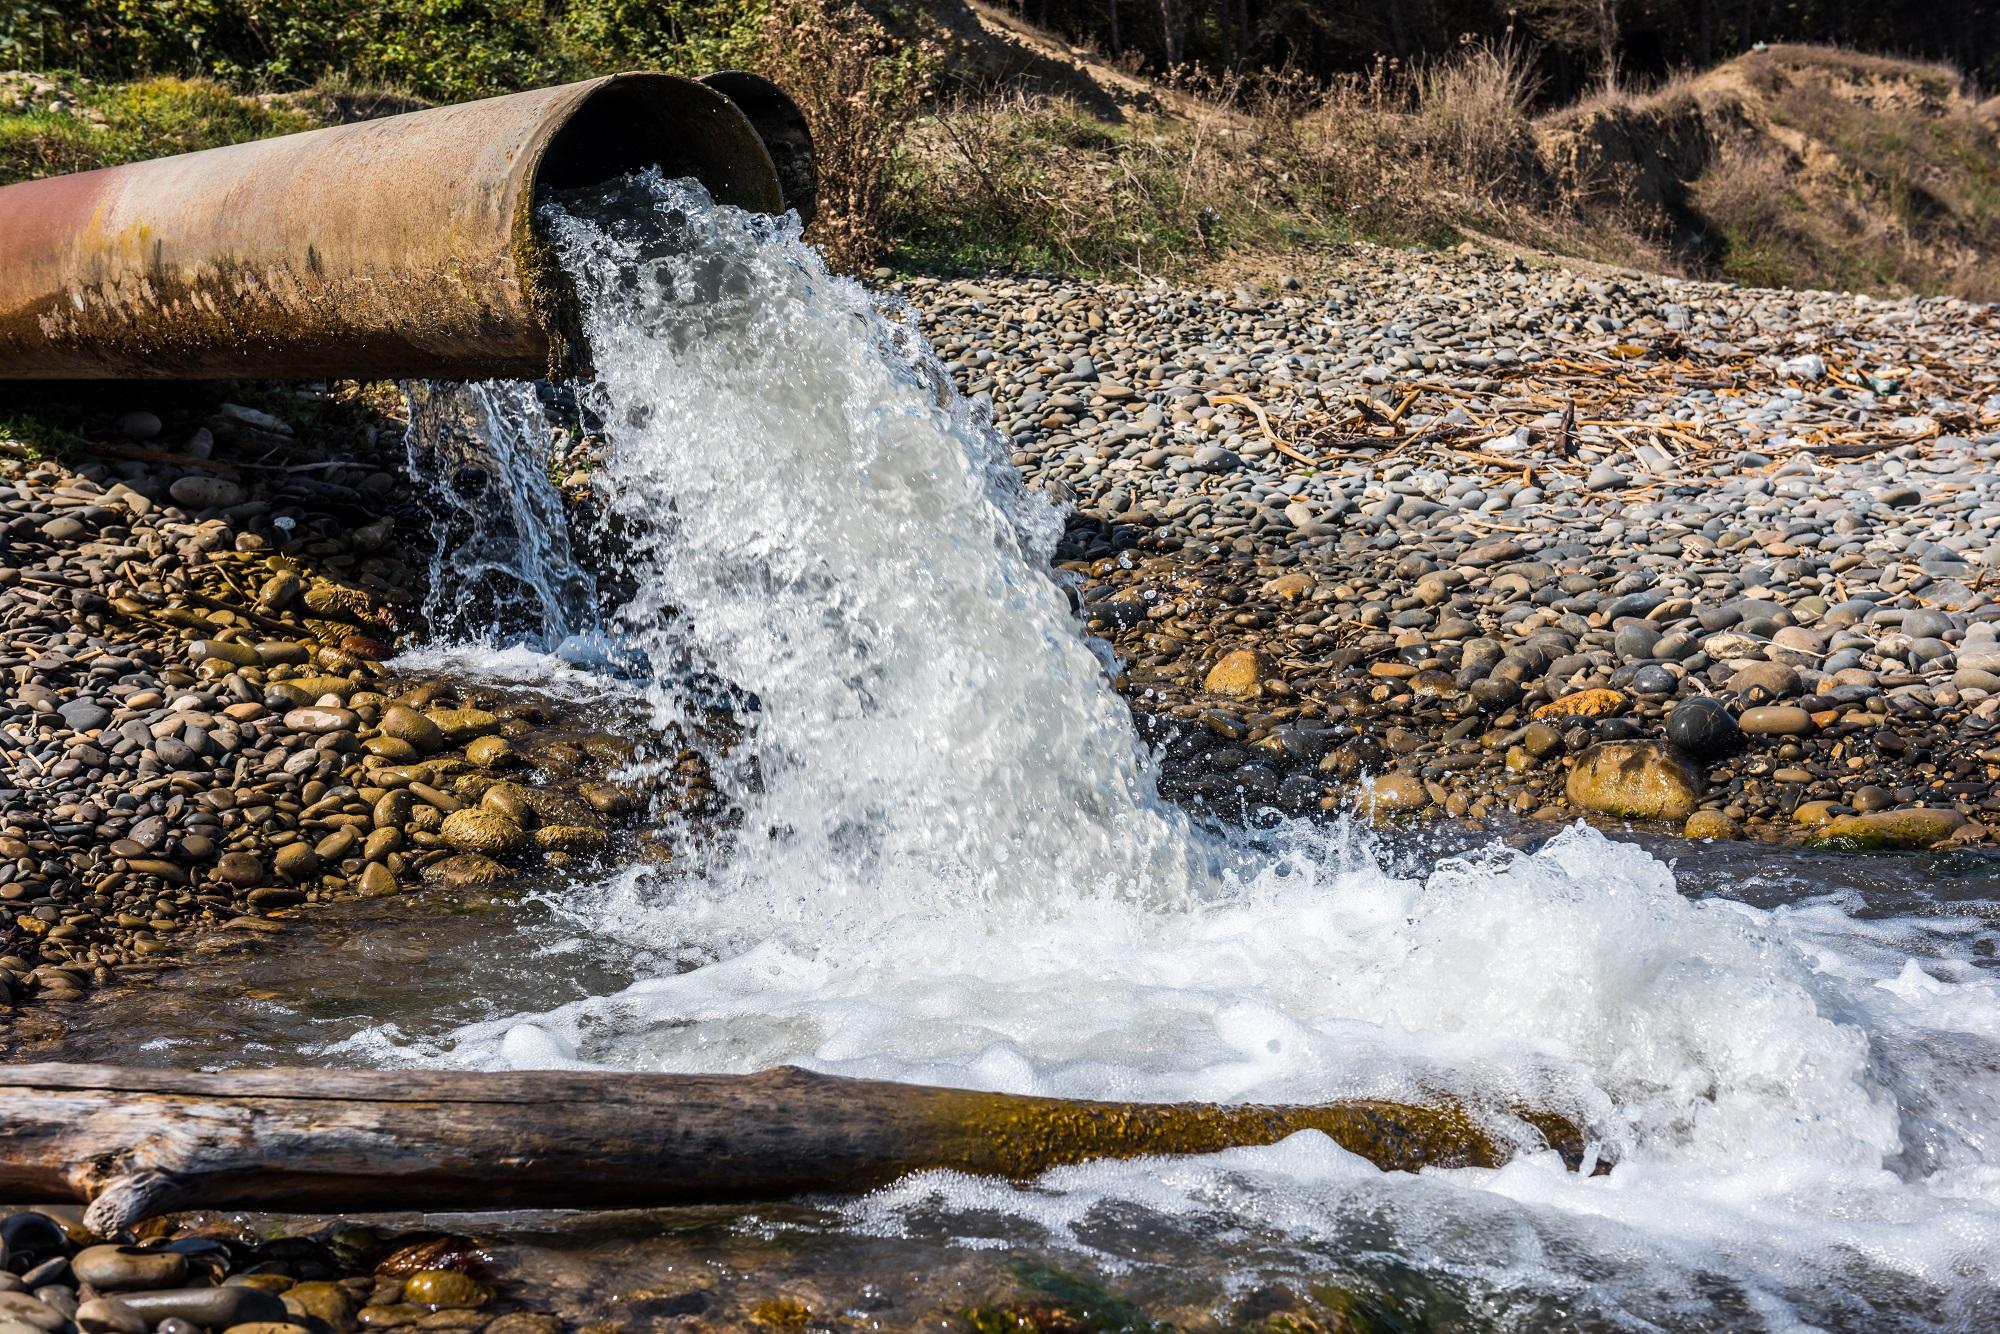 Кимрское ООО «ВКХ» сбрасывает недостаточно очищенные стоки в Угличское водохранилище